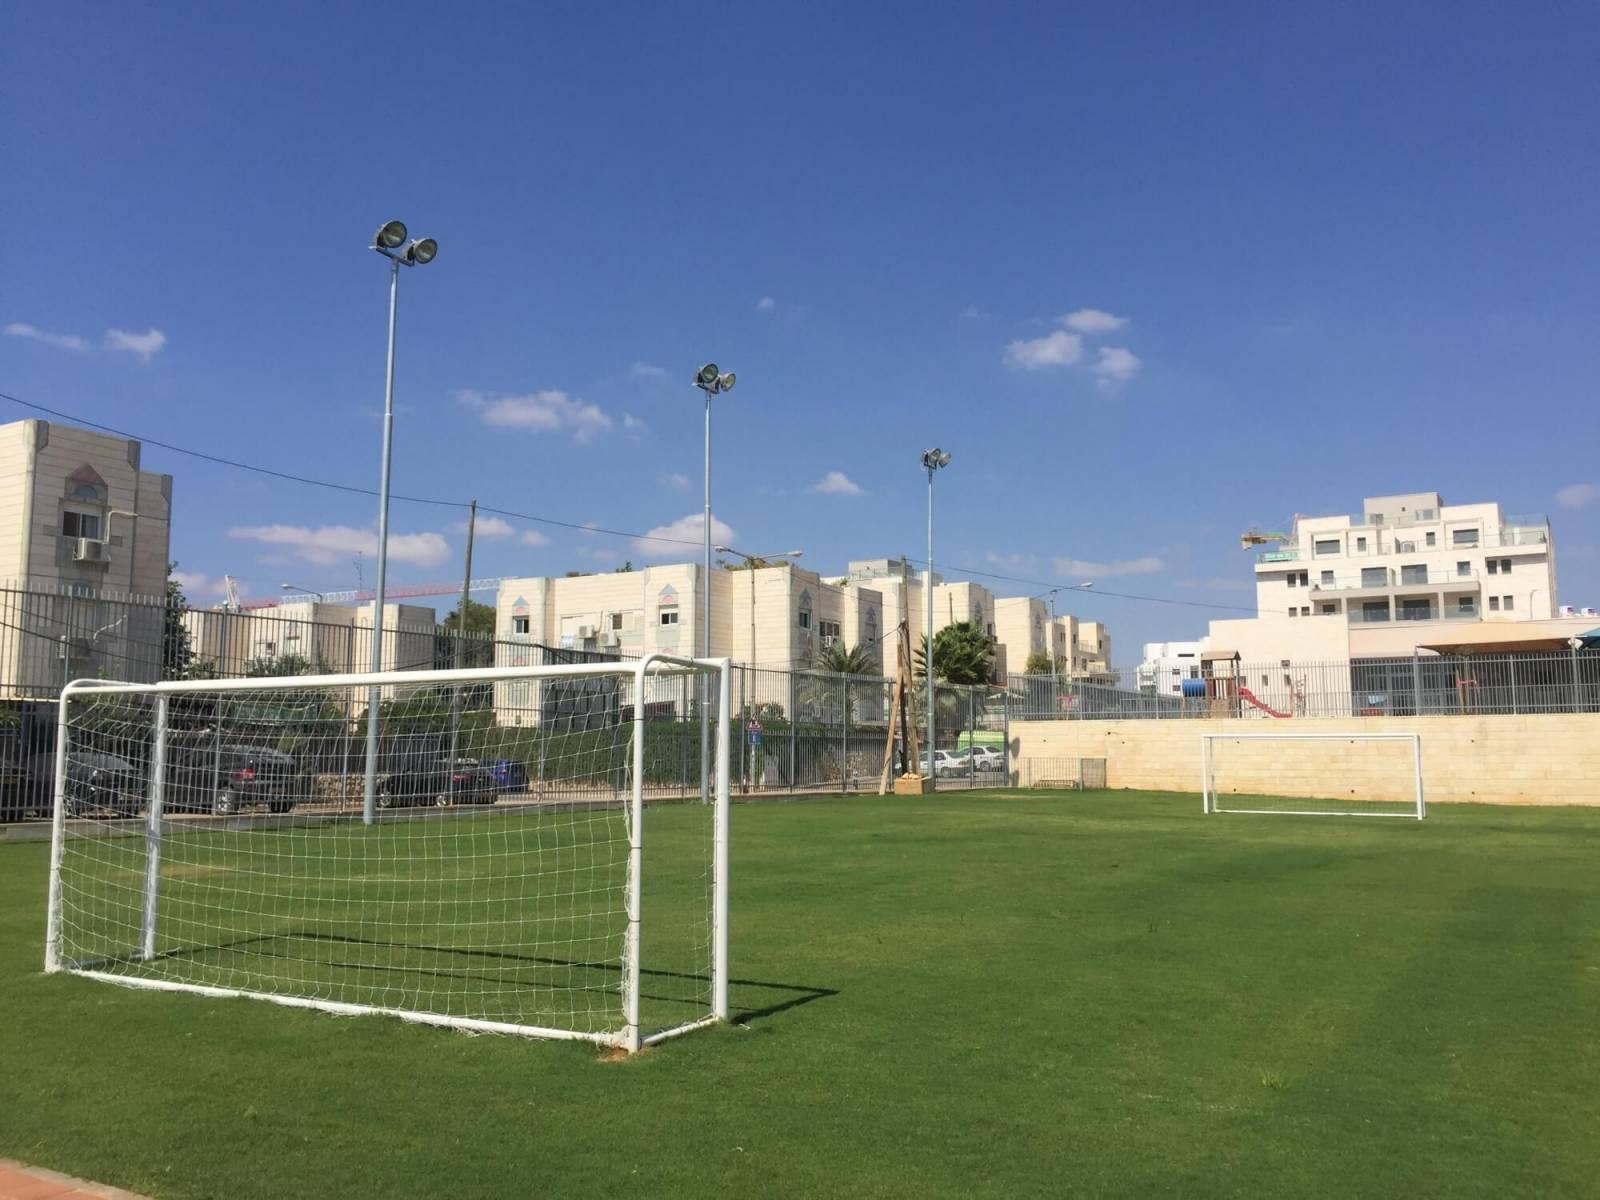 מגרש כדורגל בבית ספר בחריש